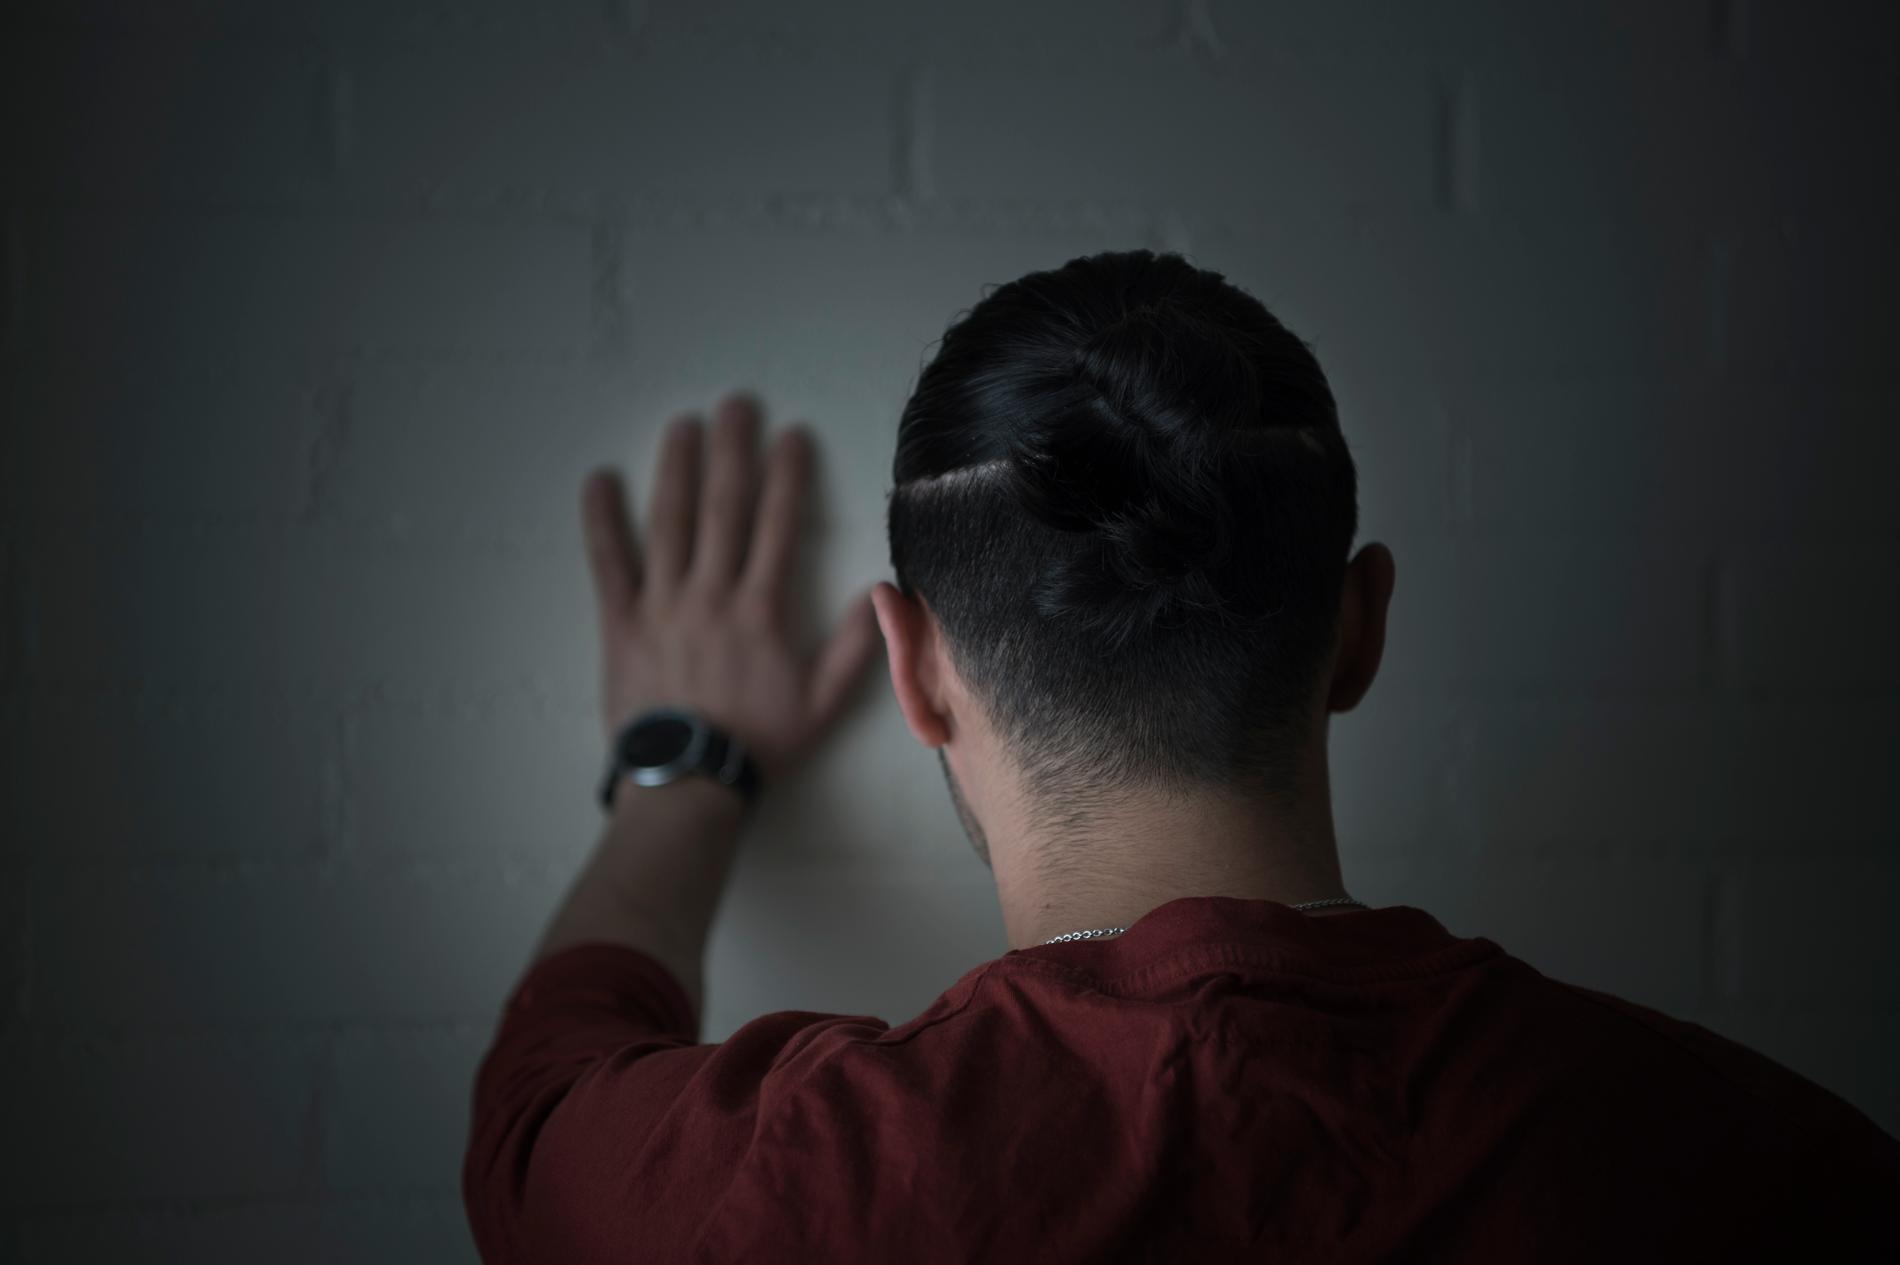 Vi ser i vår granskning att 91 av 112 dömda gärningsmän var antingen kriminellt belastade, lågutbildade, asylsökande eller hade andra problem, som arbetslöshet, drogmissbruk eller psykisk sjukdom.